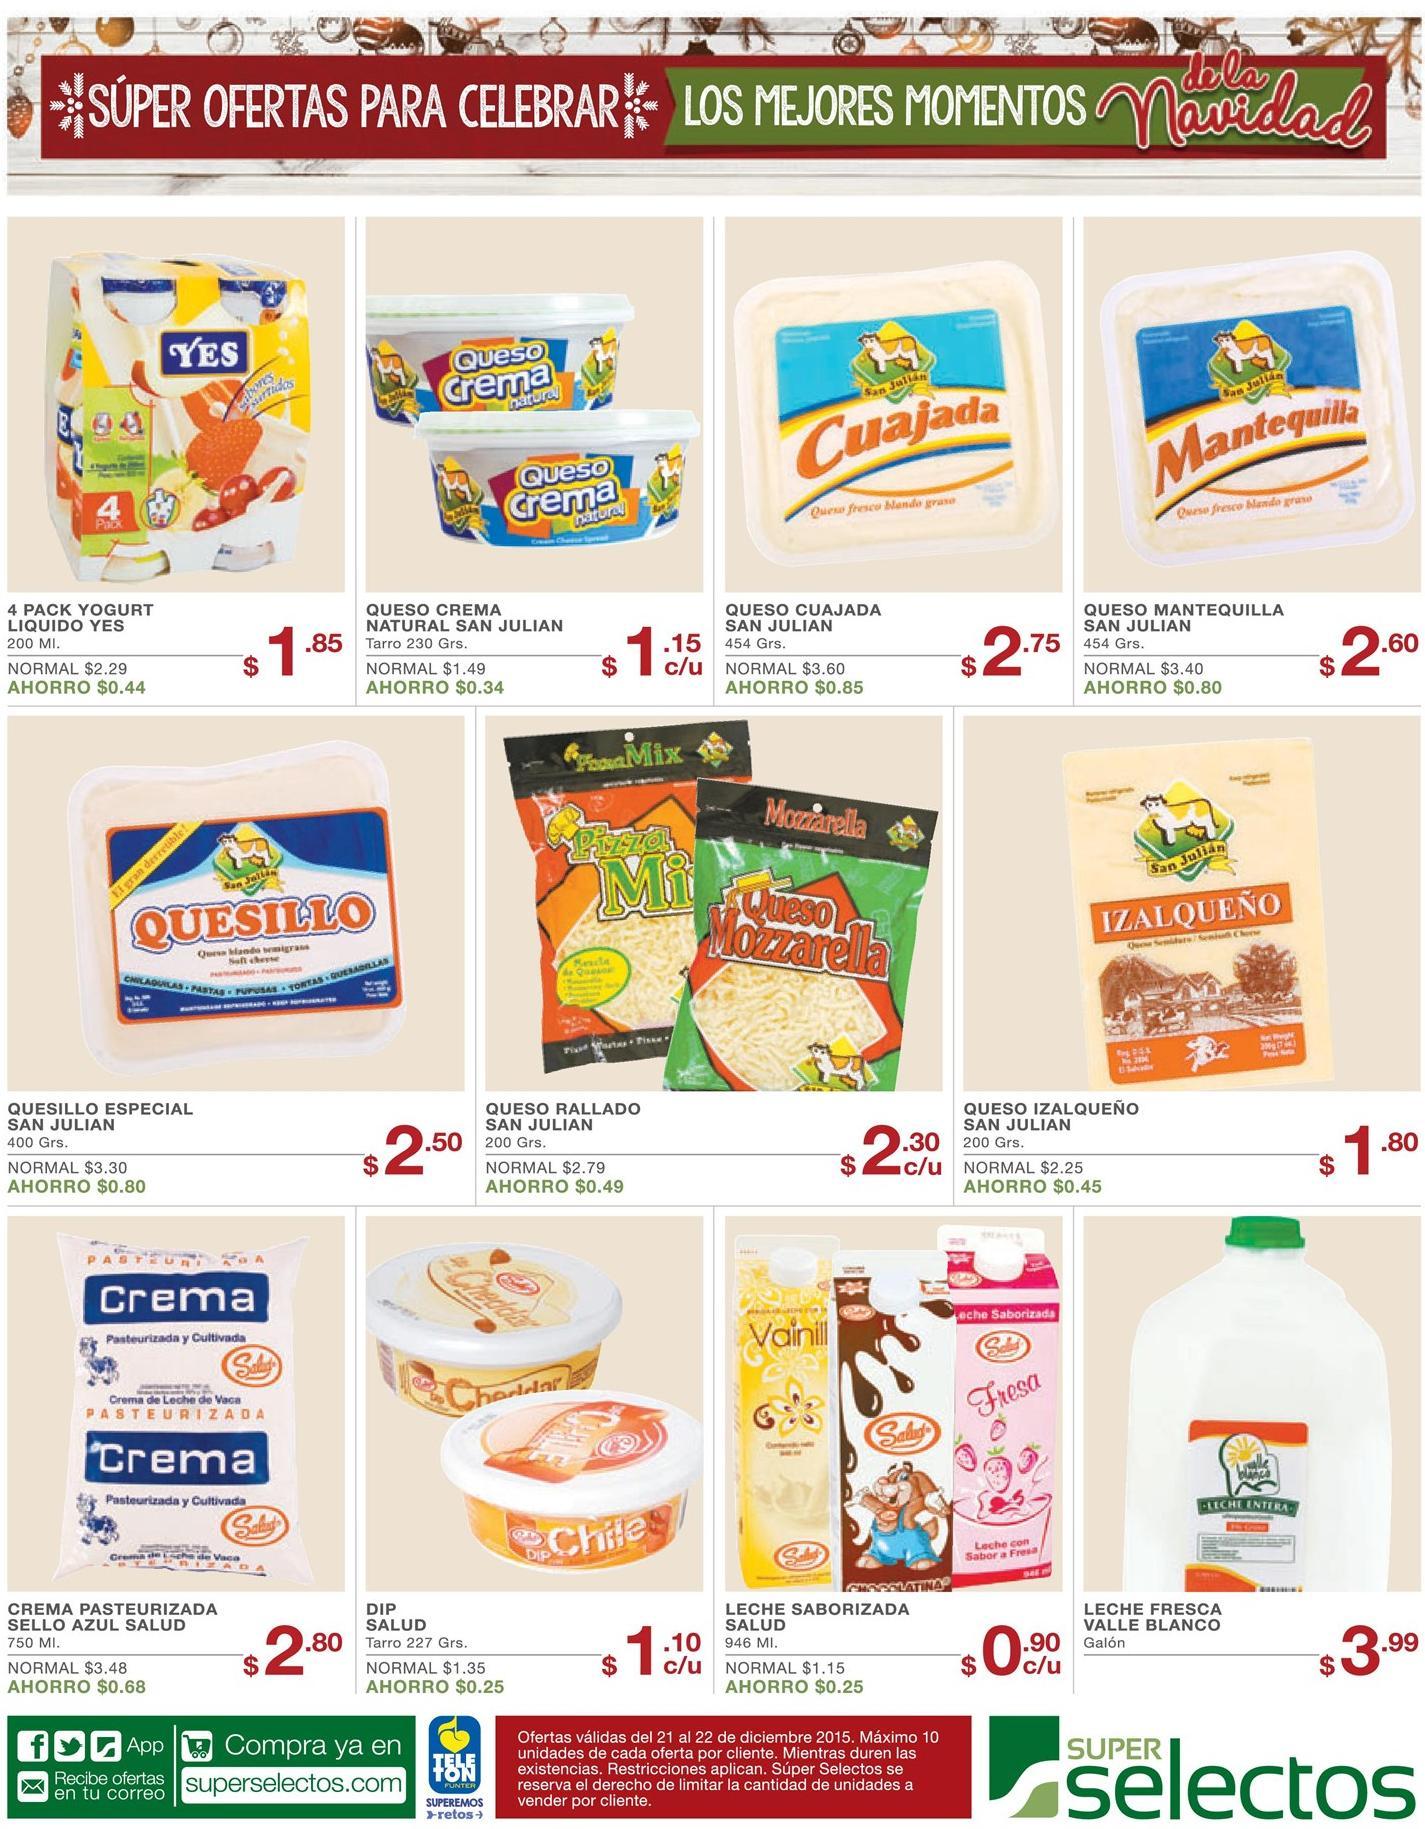 Selectos lacteos al mejor precios este Lunes 21dic15